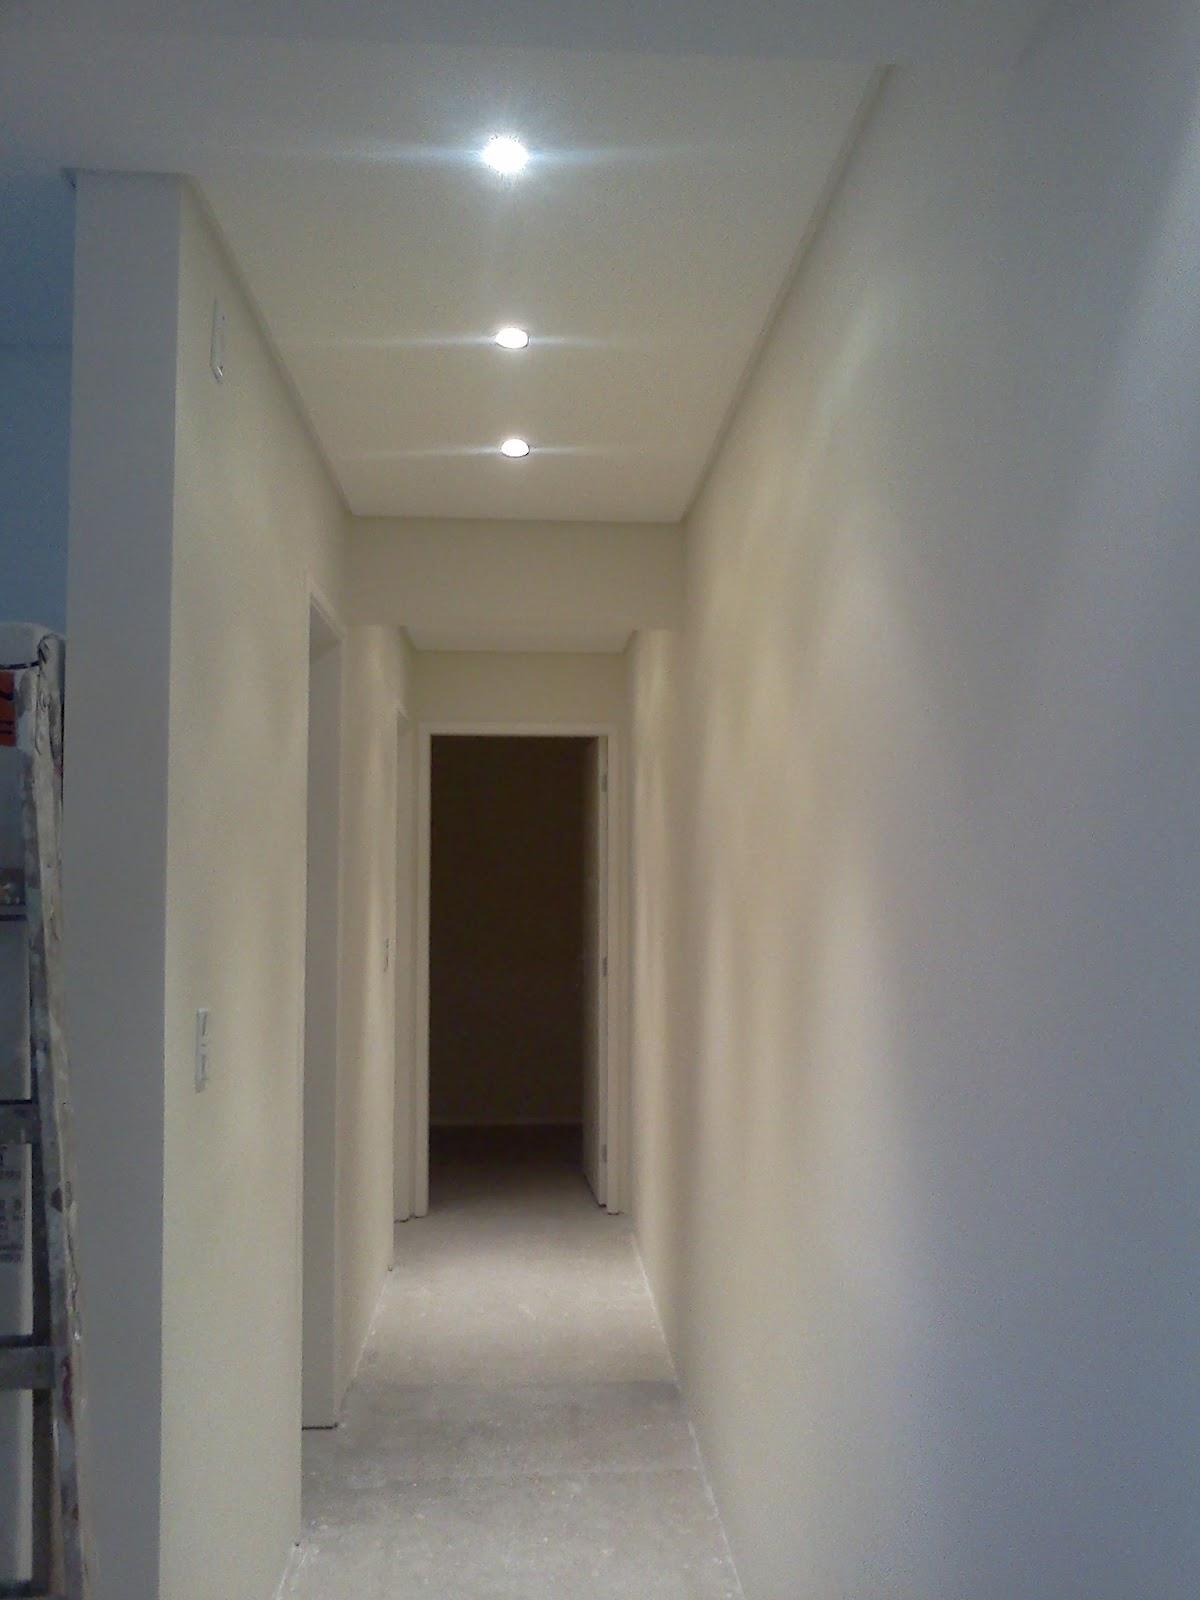 Casamento e Apartamento Renato e Karina: Iluminação #485766 1200 1600